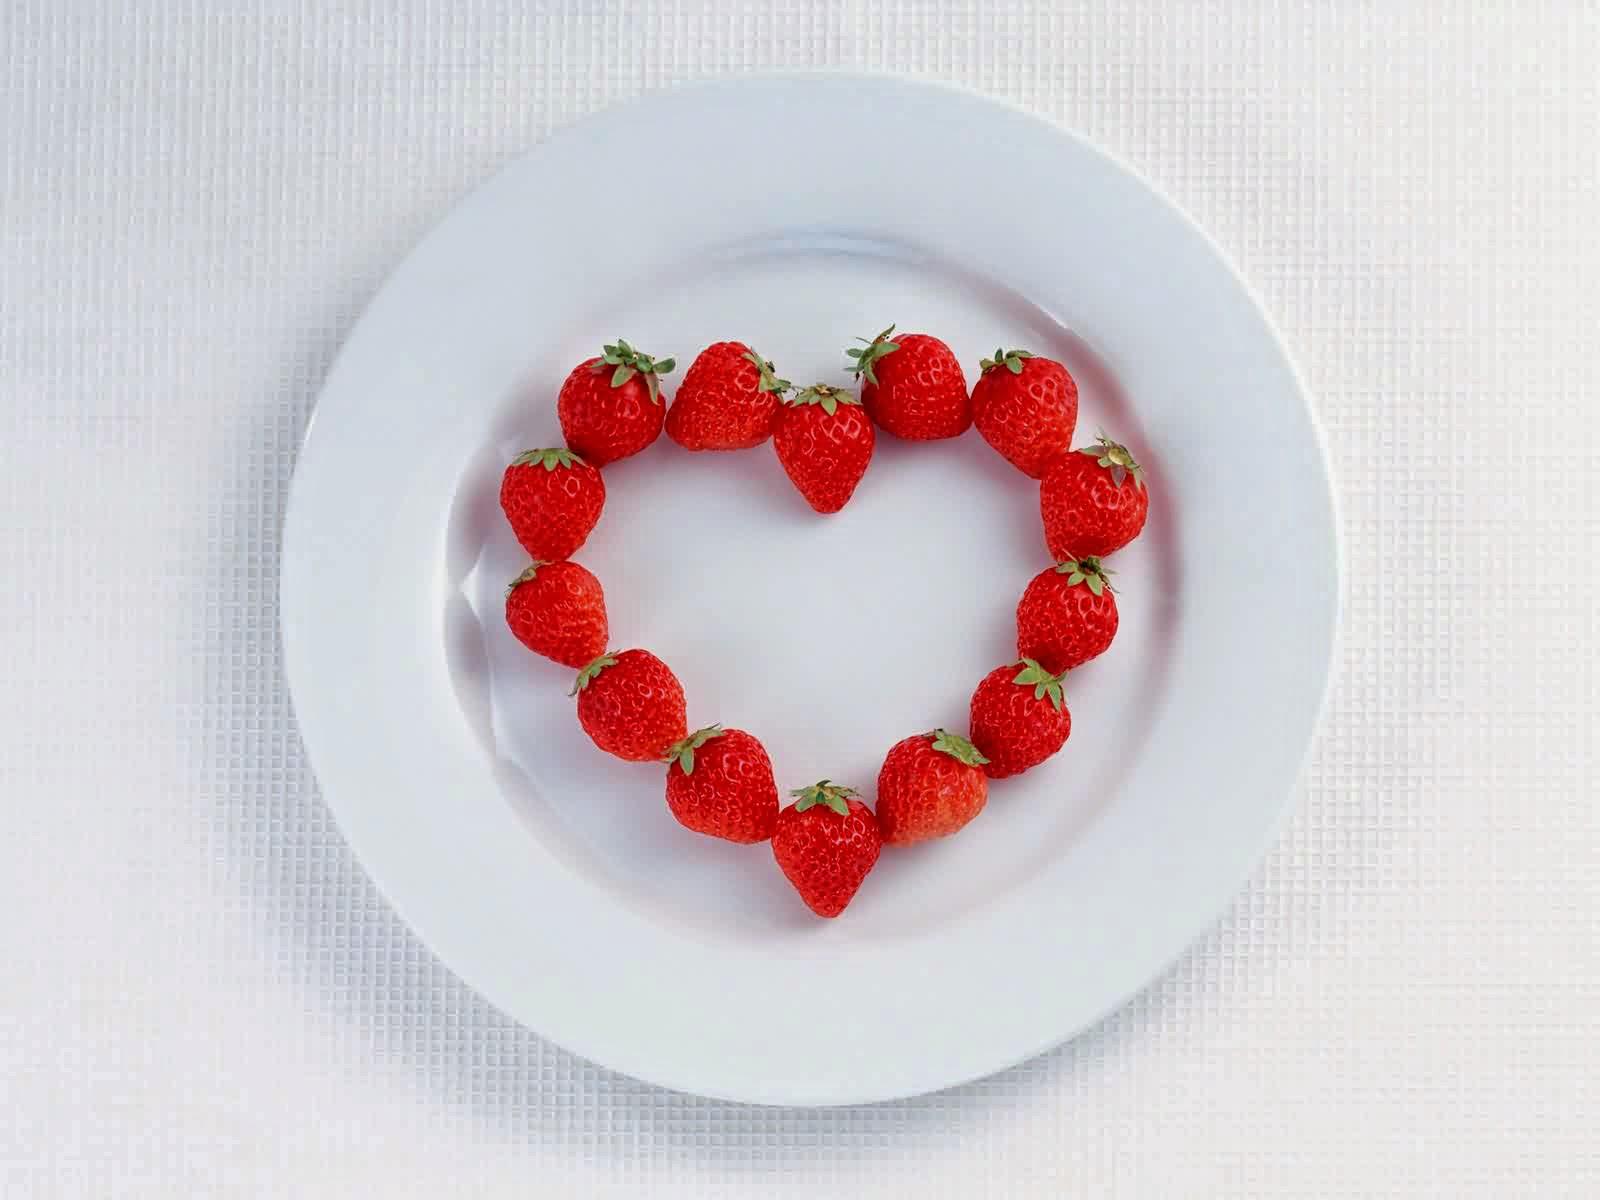 xem ảnh valentine full hd